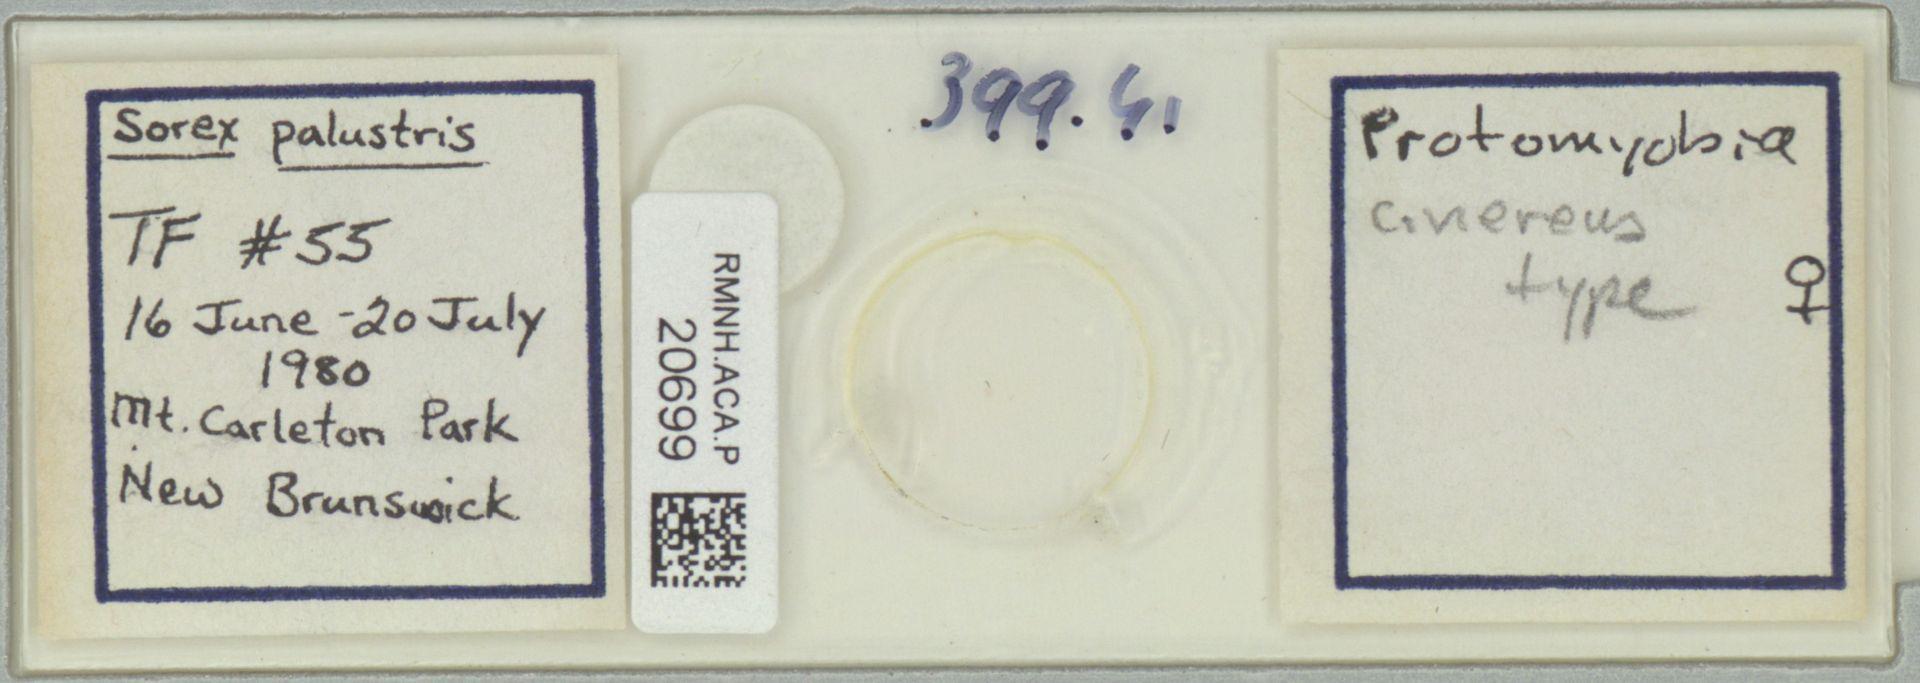 RMNH.ACA.P.20699 | Protomyobia cinereus